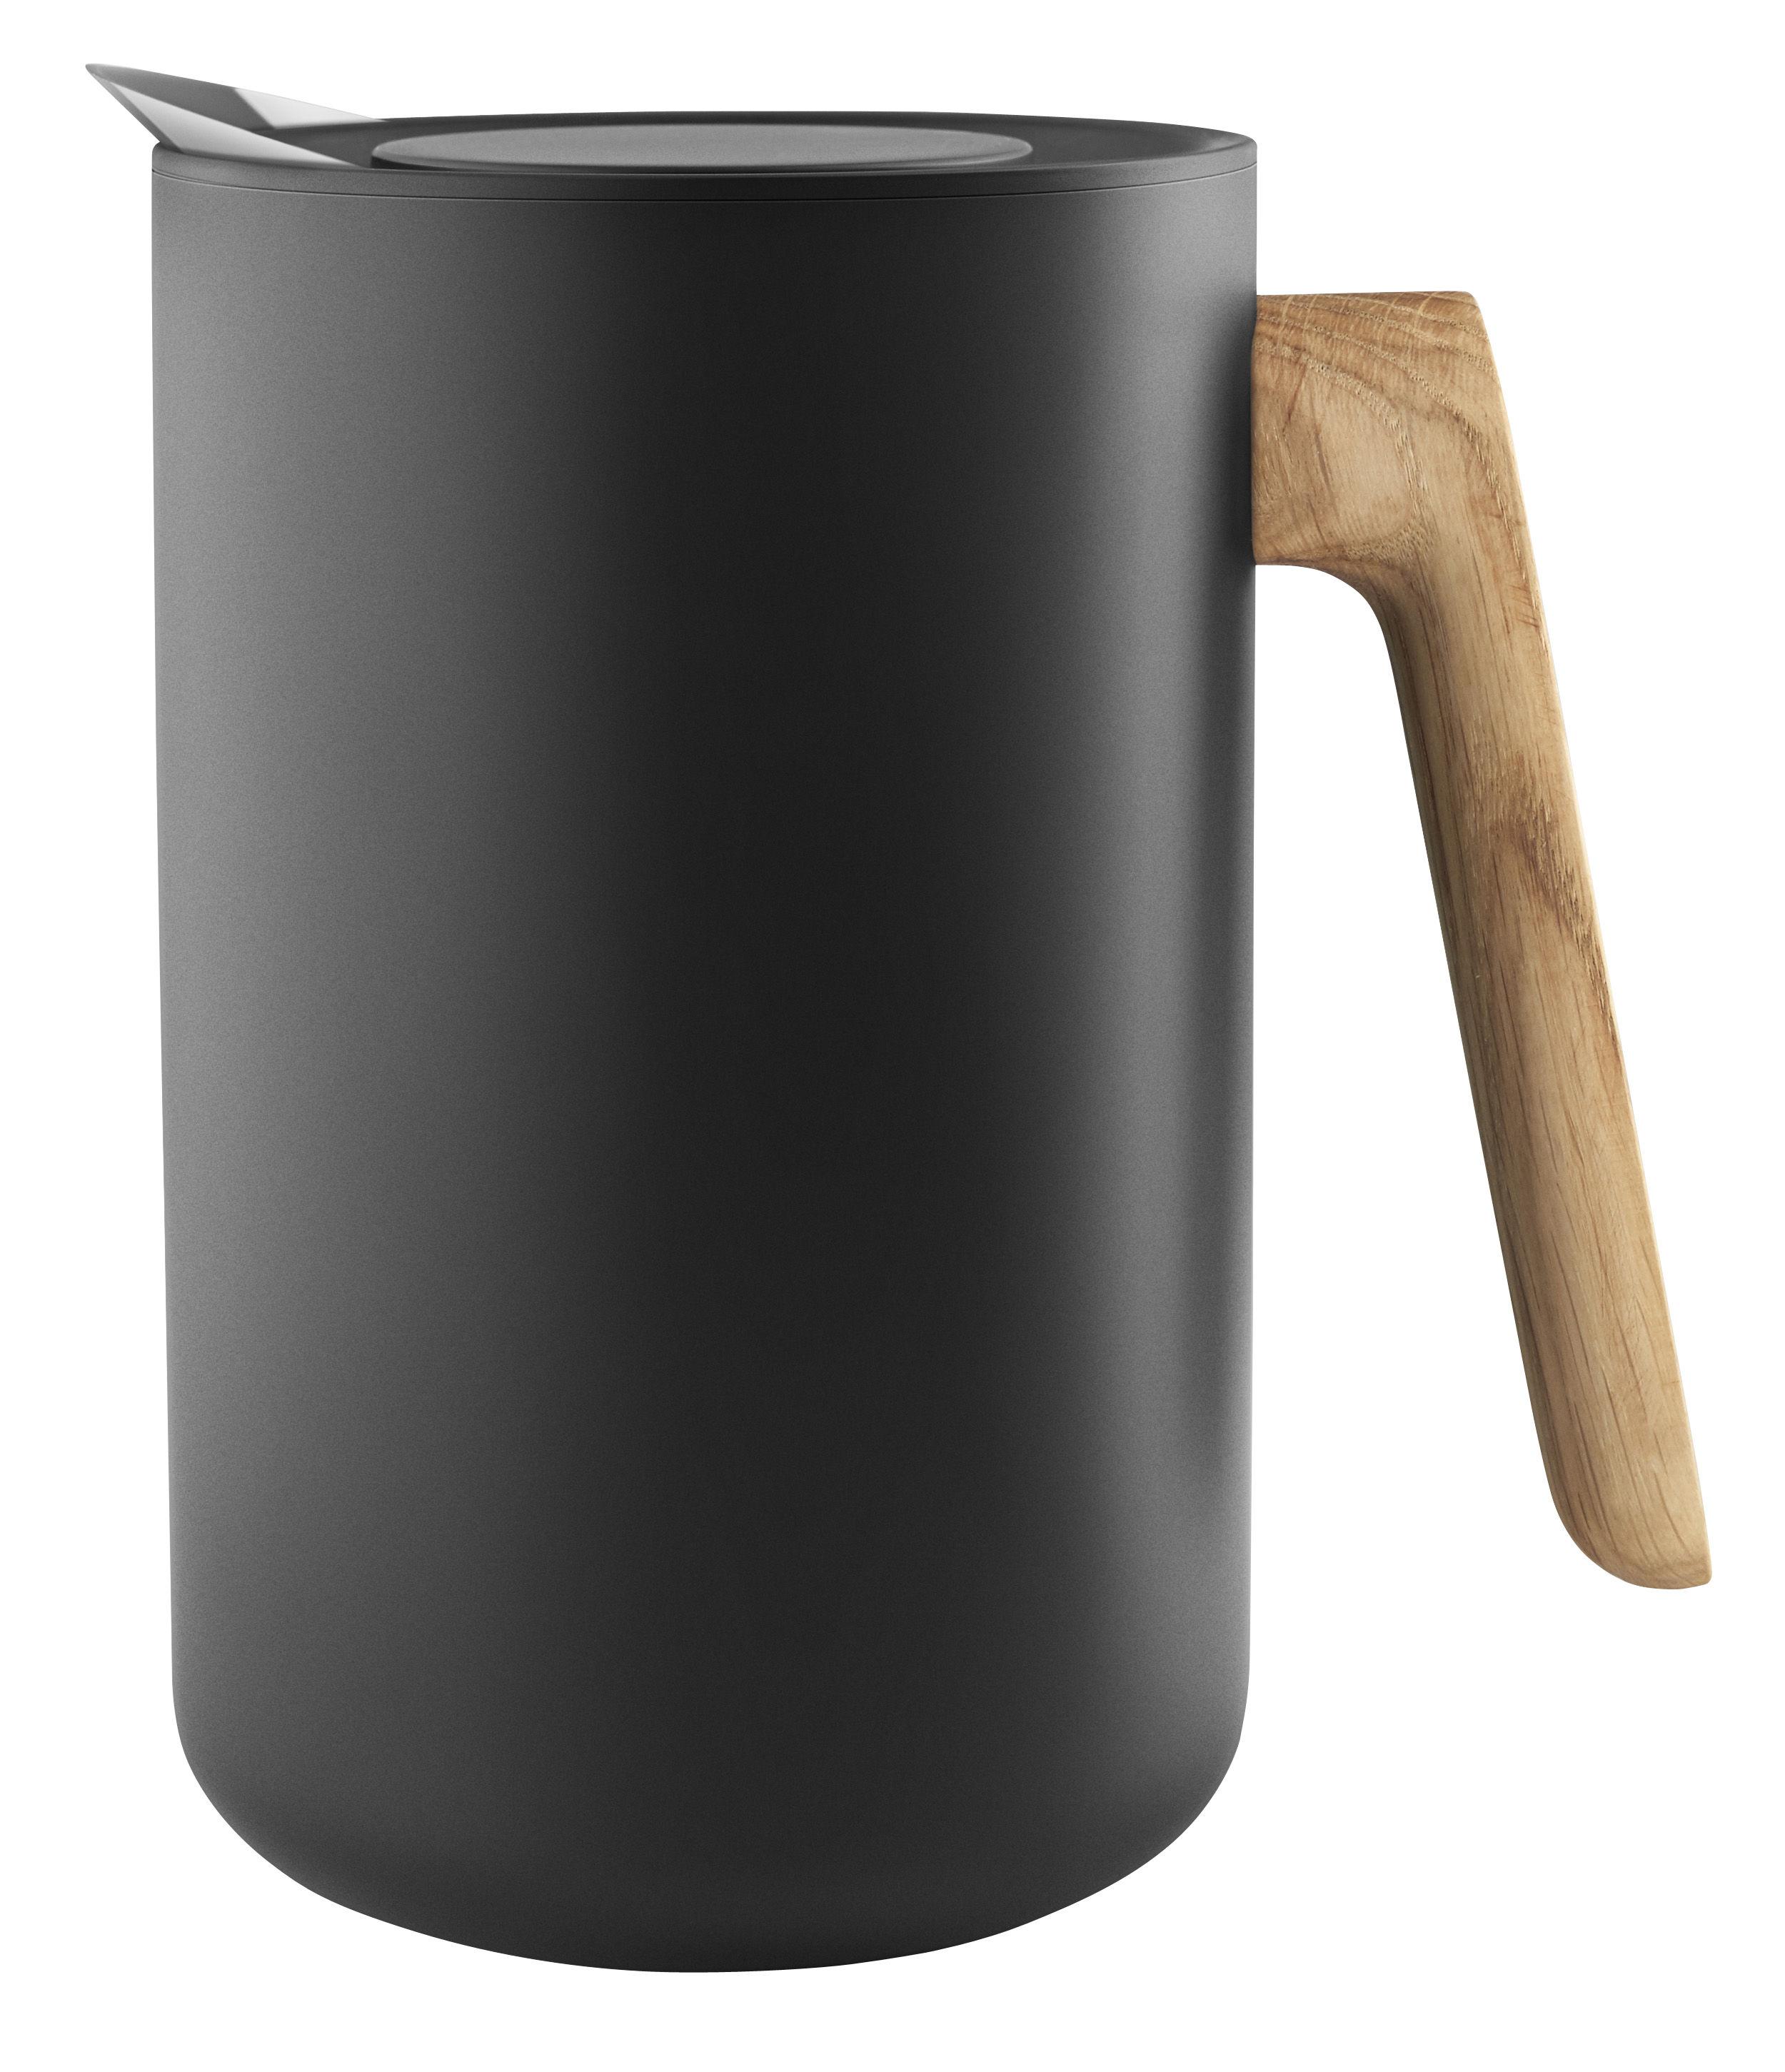 Arts de la table - Thé et café - Pichet isotherme Nordic Kitchen / 1 L - Acier & chêne - Eva Solo - Noir mat / Poignée chêne - Acier inoxydable, Chêne, Matière plastique